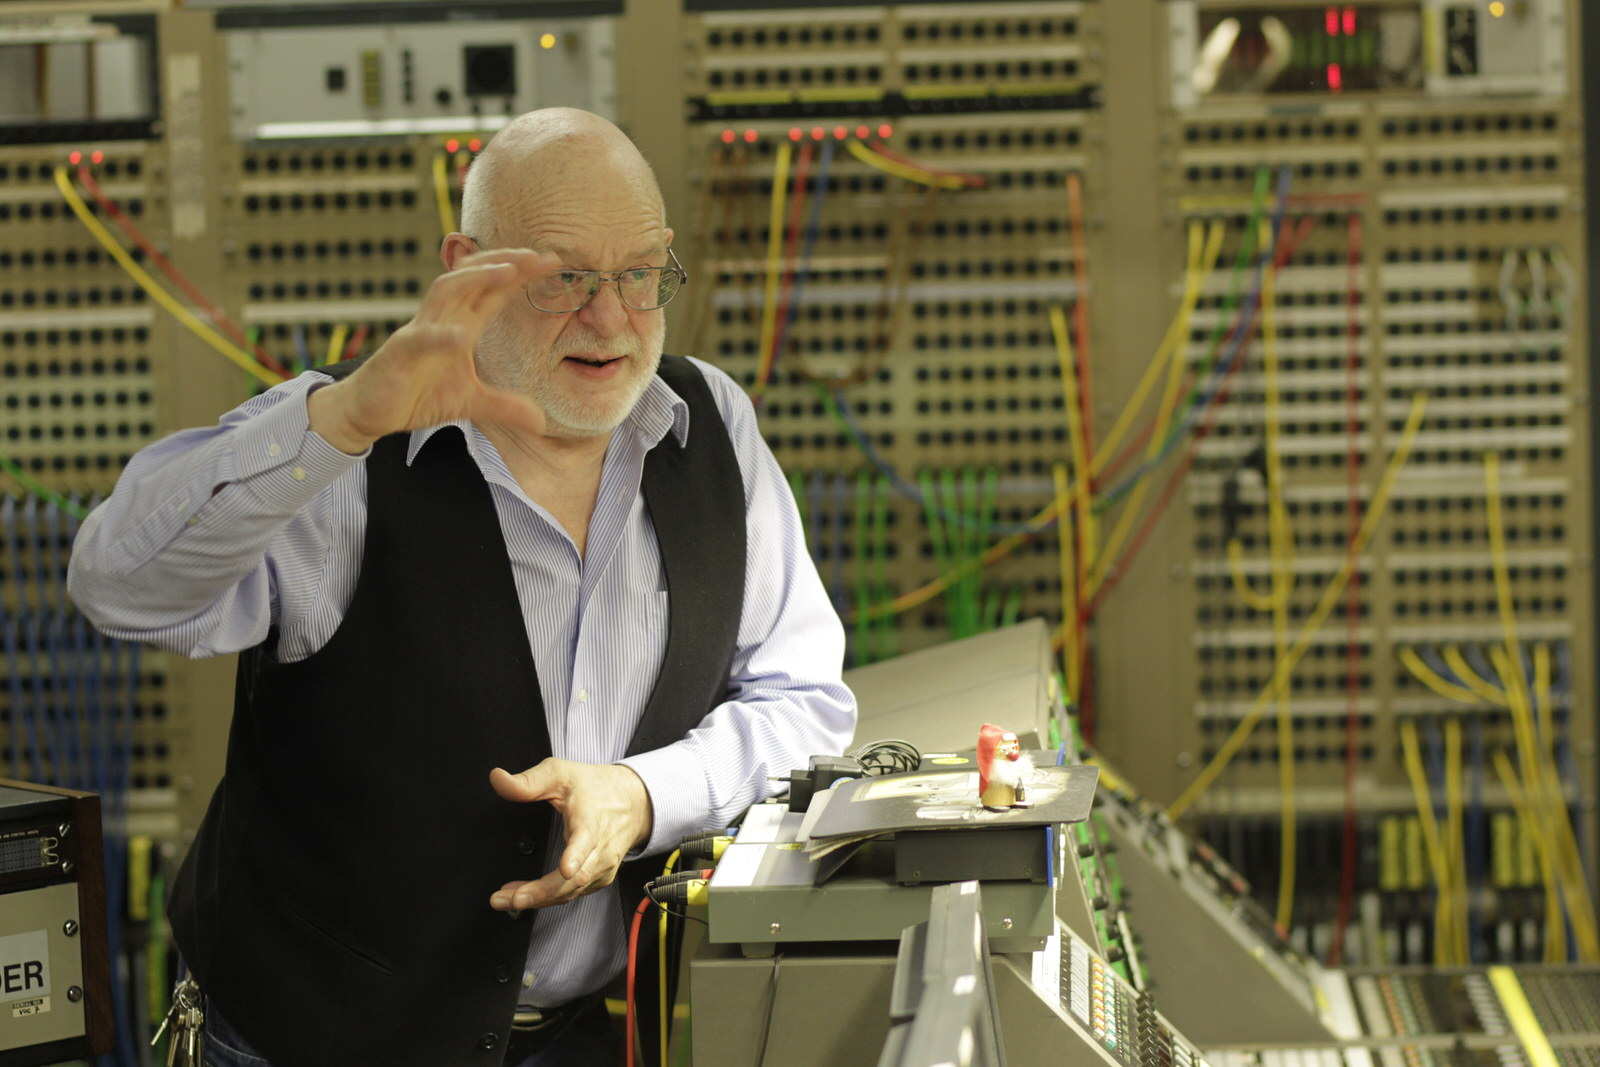 Toningenieur Volker Müller, einer der ehemaligen Mitarbeiter des Studios, präsentiert, erläutert und beantwortet die Fragen der Besucher in der Lagerhalle Köln-Ossendorf • Foto © WDR/Thomas Brill